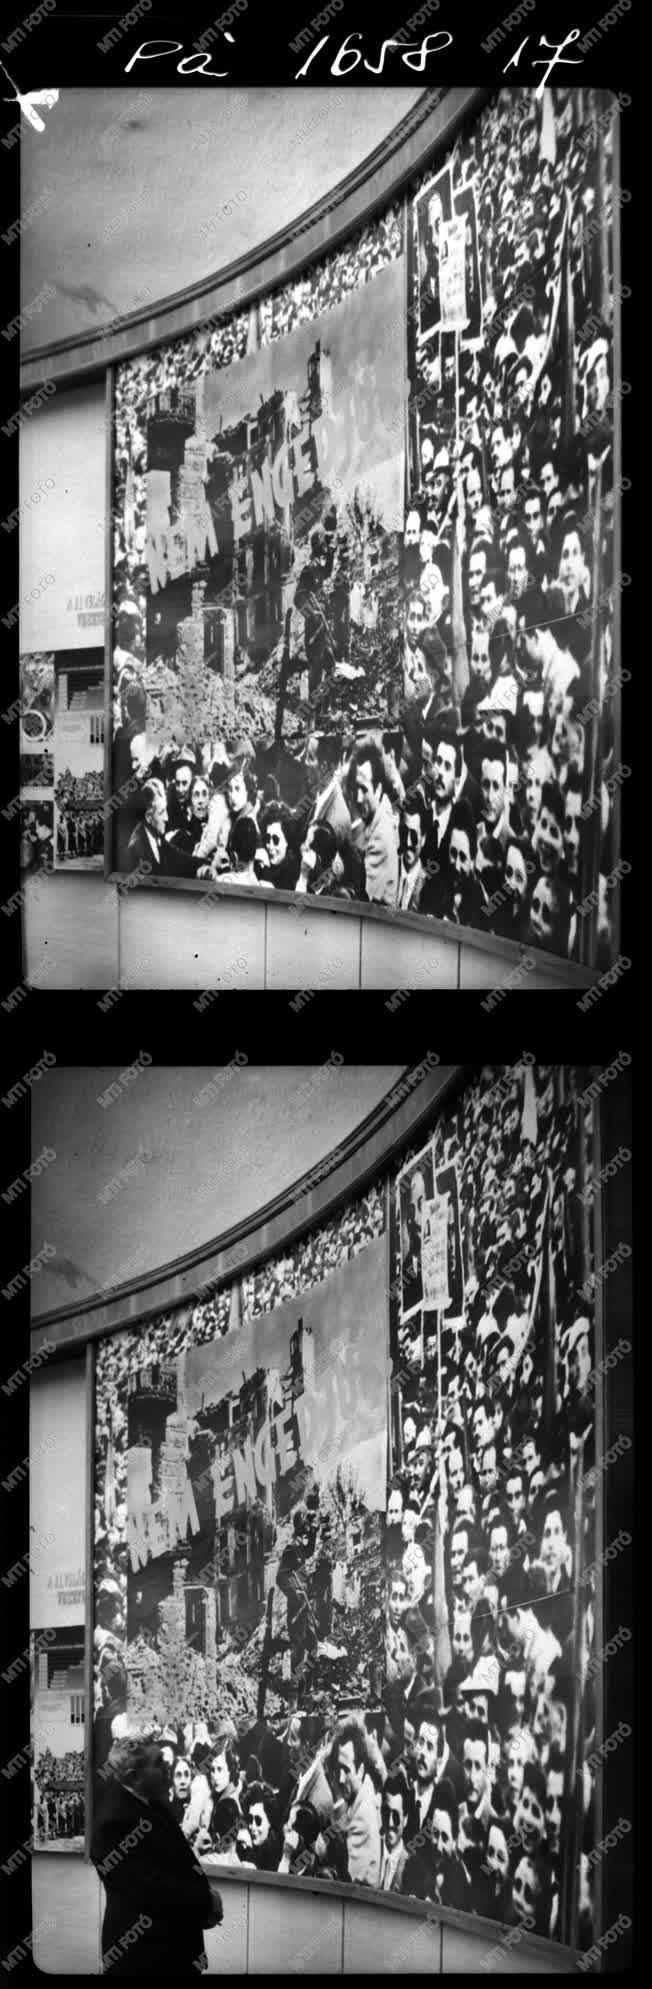 Kiállítás - Hazafias Népfront album - II. világháború